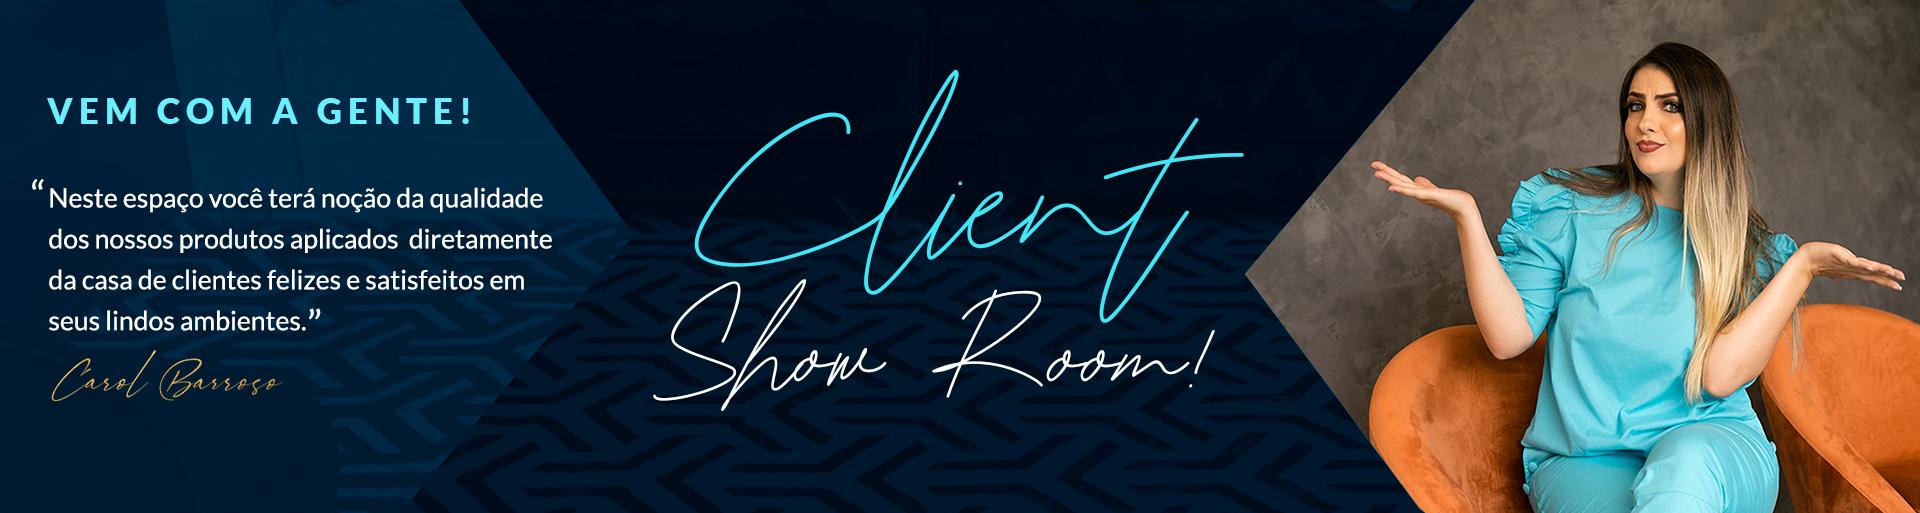 Cliente Show Room